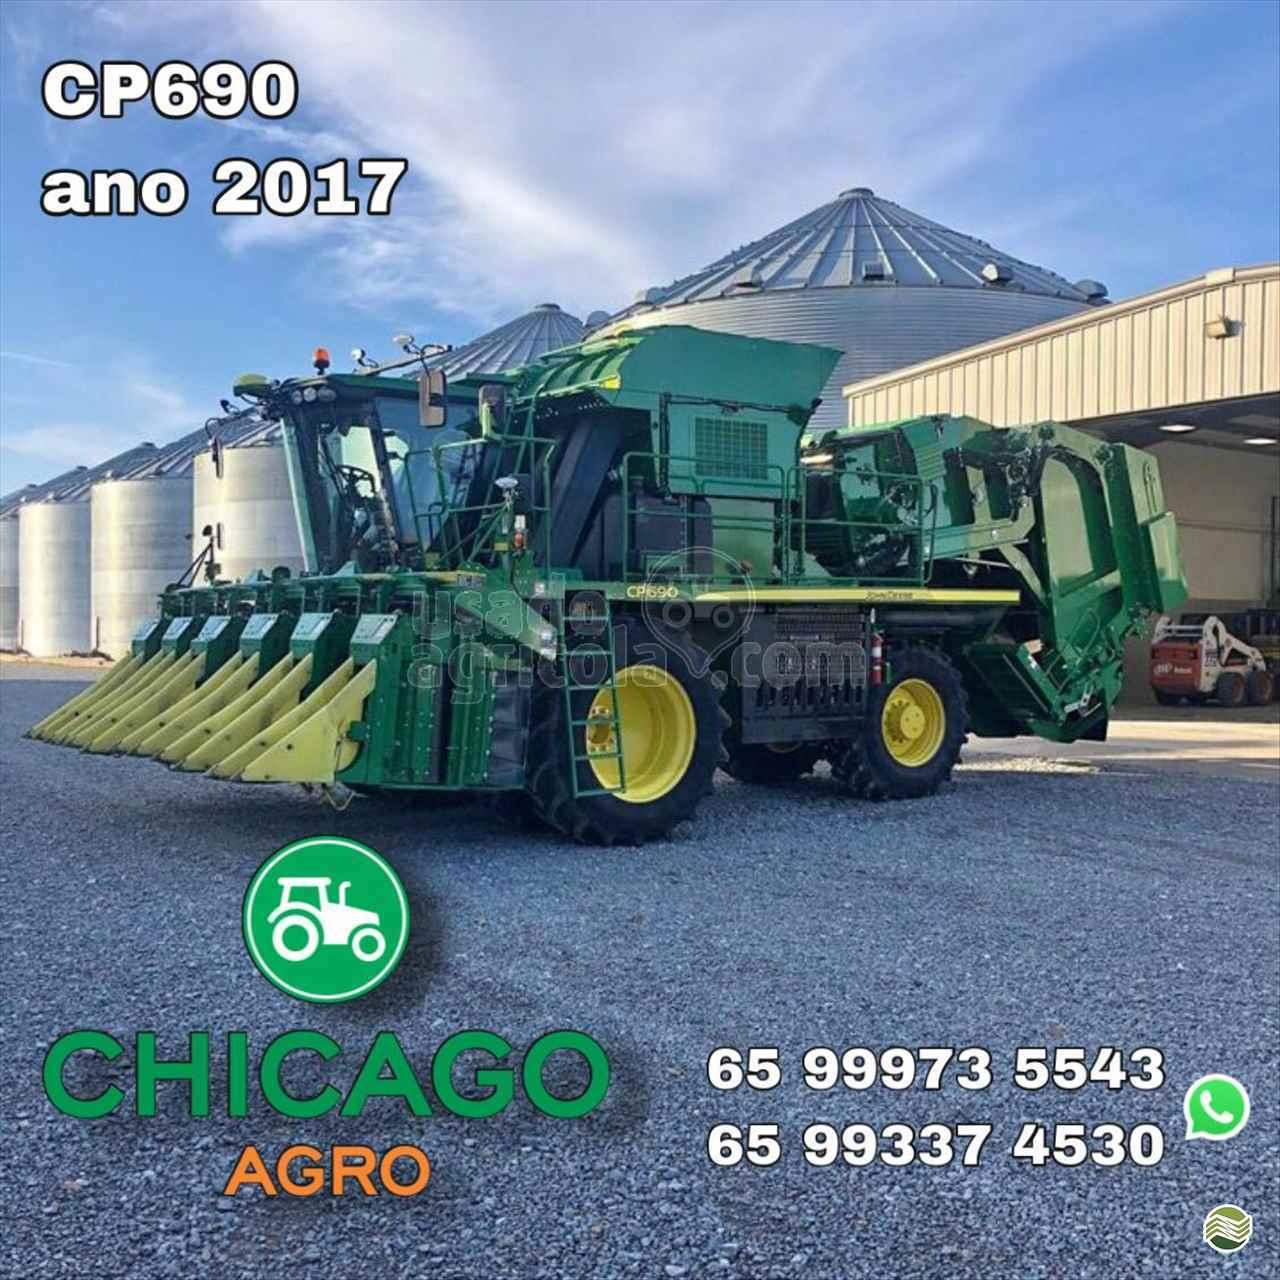 COLHEITADEIRA JOHN DEERE JOHN DEERE ALG. CP690 Usado Agricola LUCAS DO RIO VERDE MATO GROSSO MT